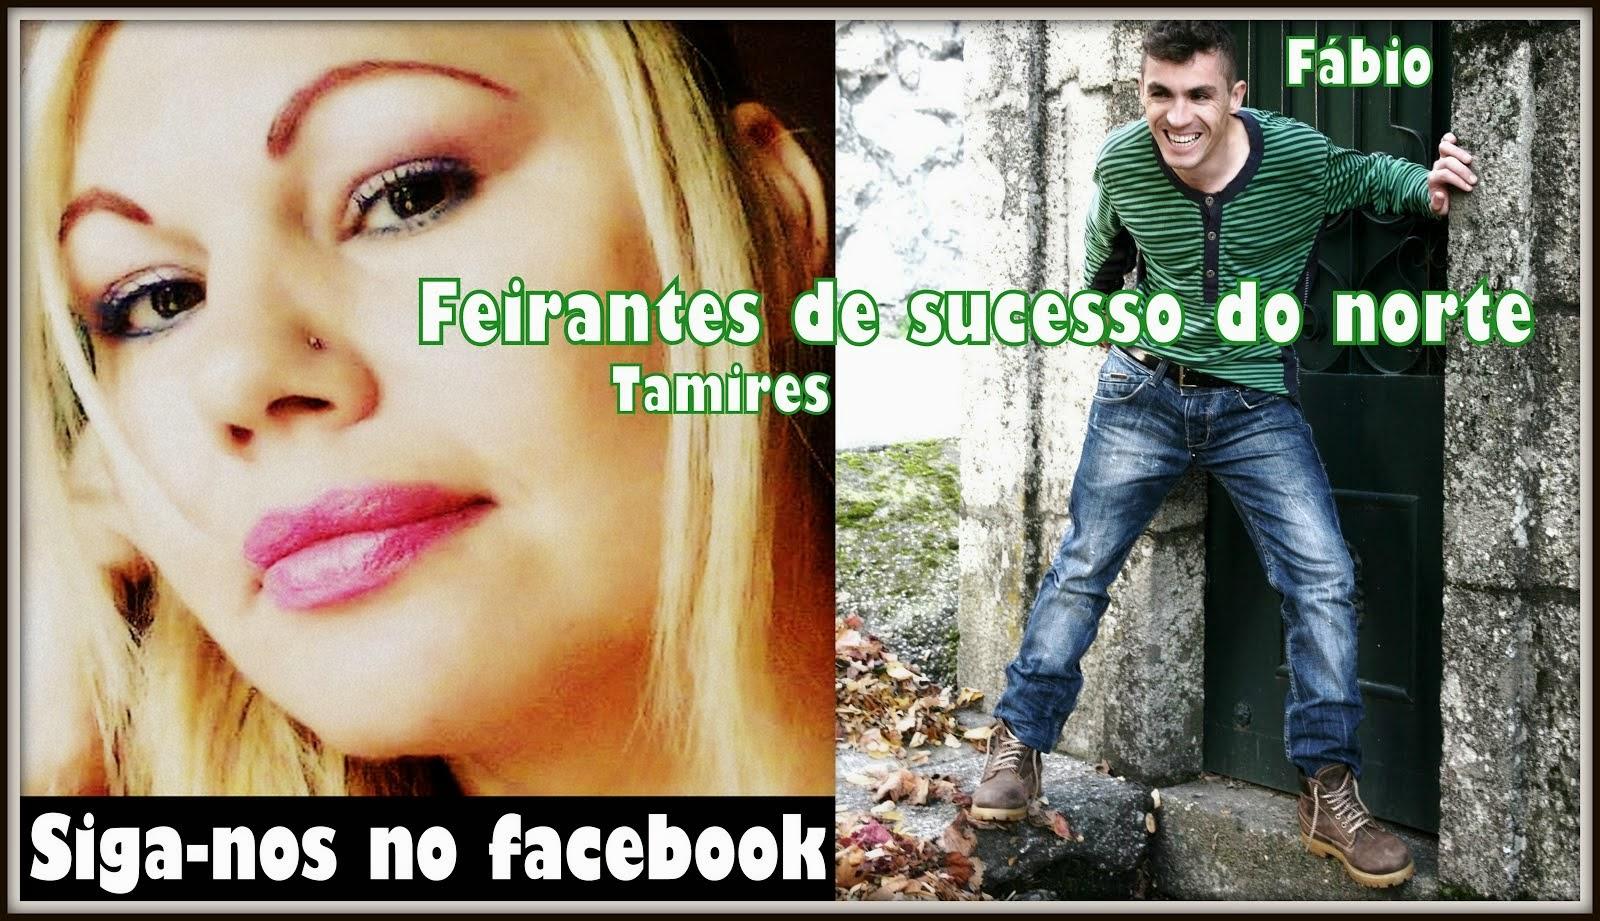 www.facebook.com/feirantesdesucessodonorte